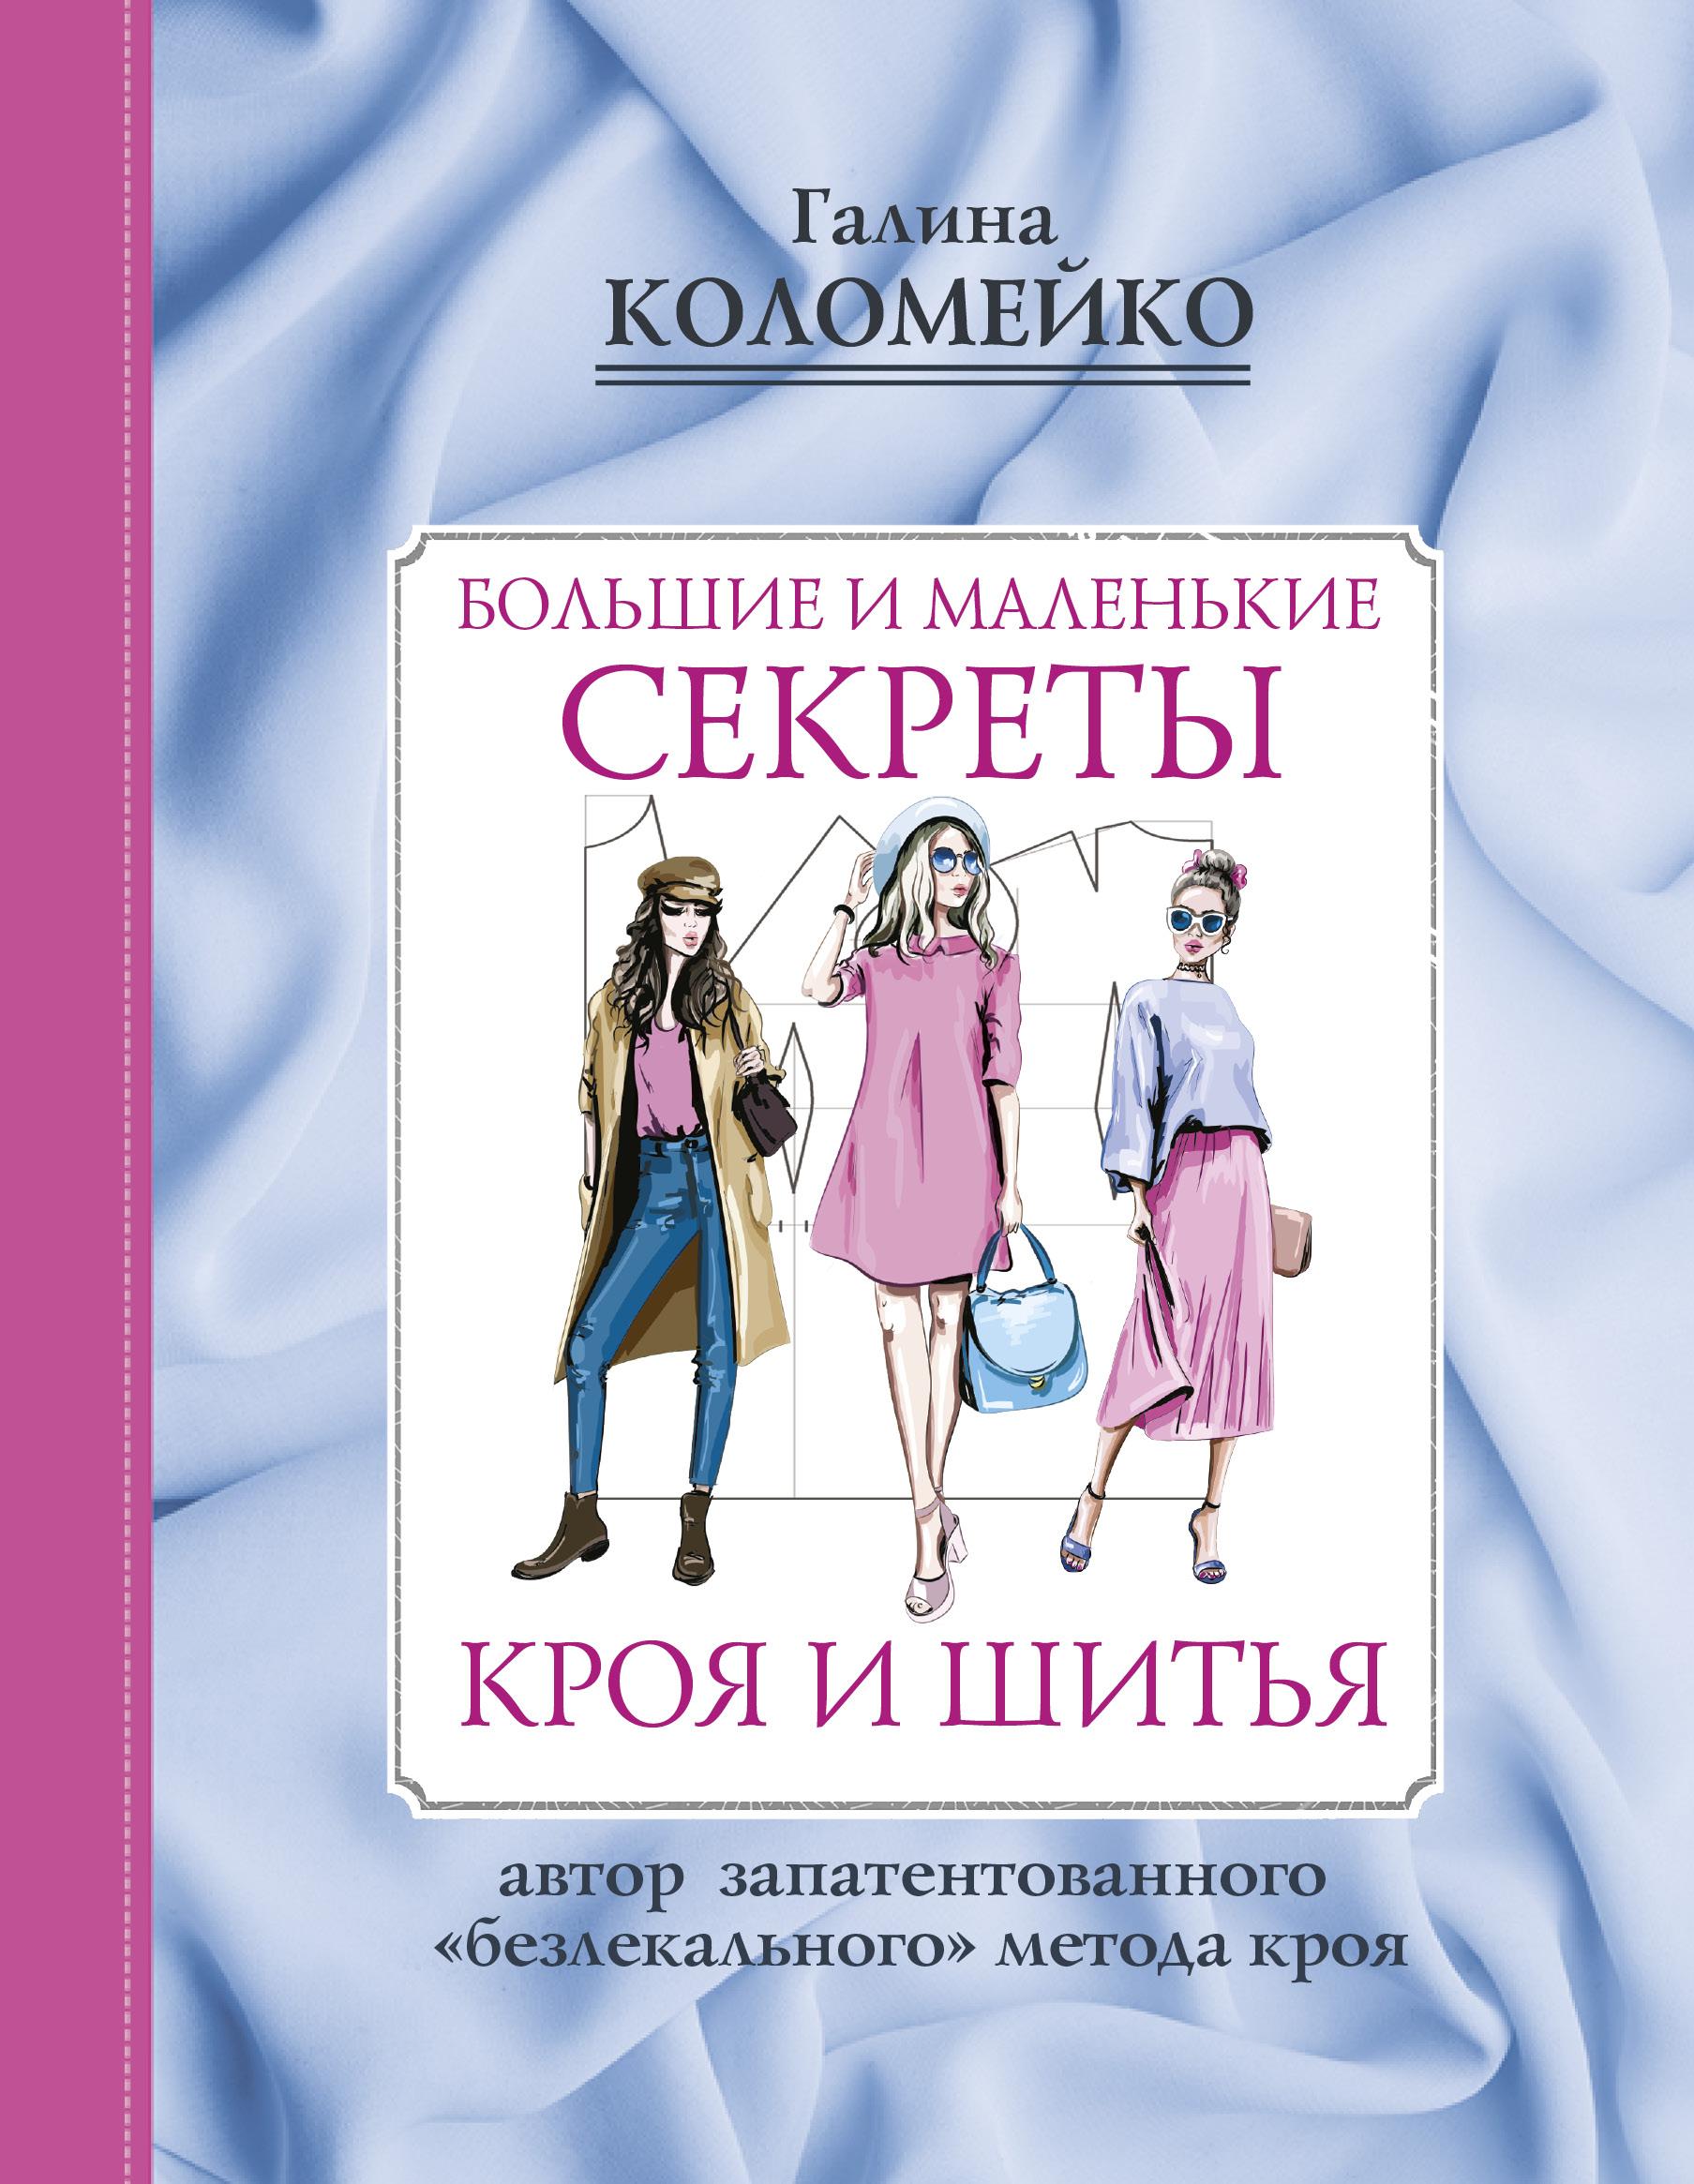 Коломейко Г.Л. Большие и маленькие секреты кроя и шитья